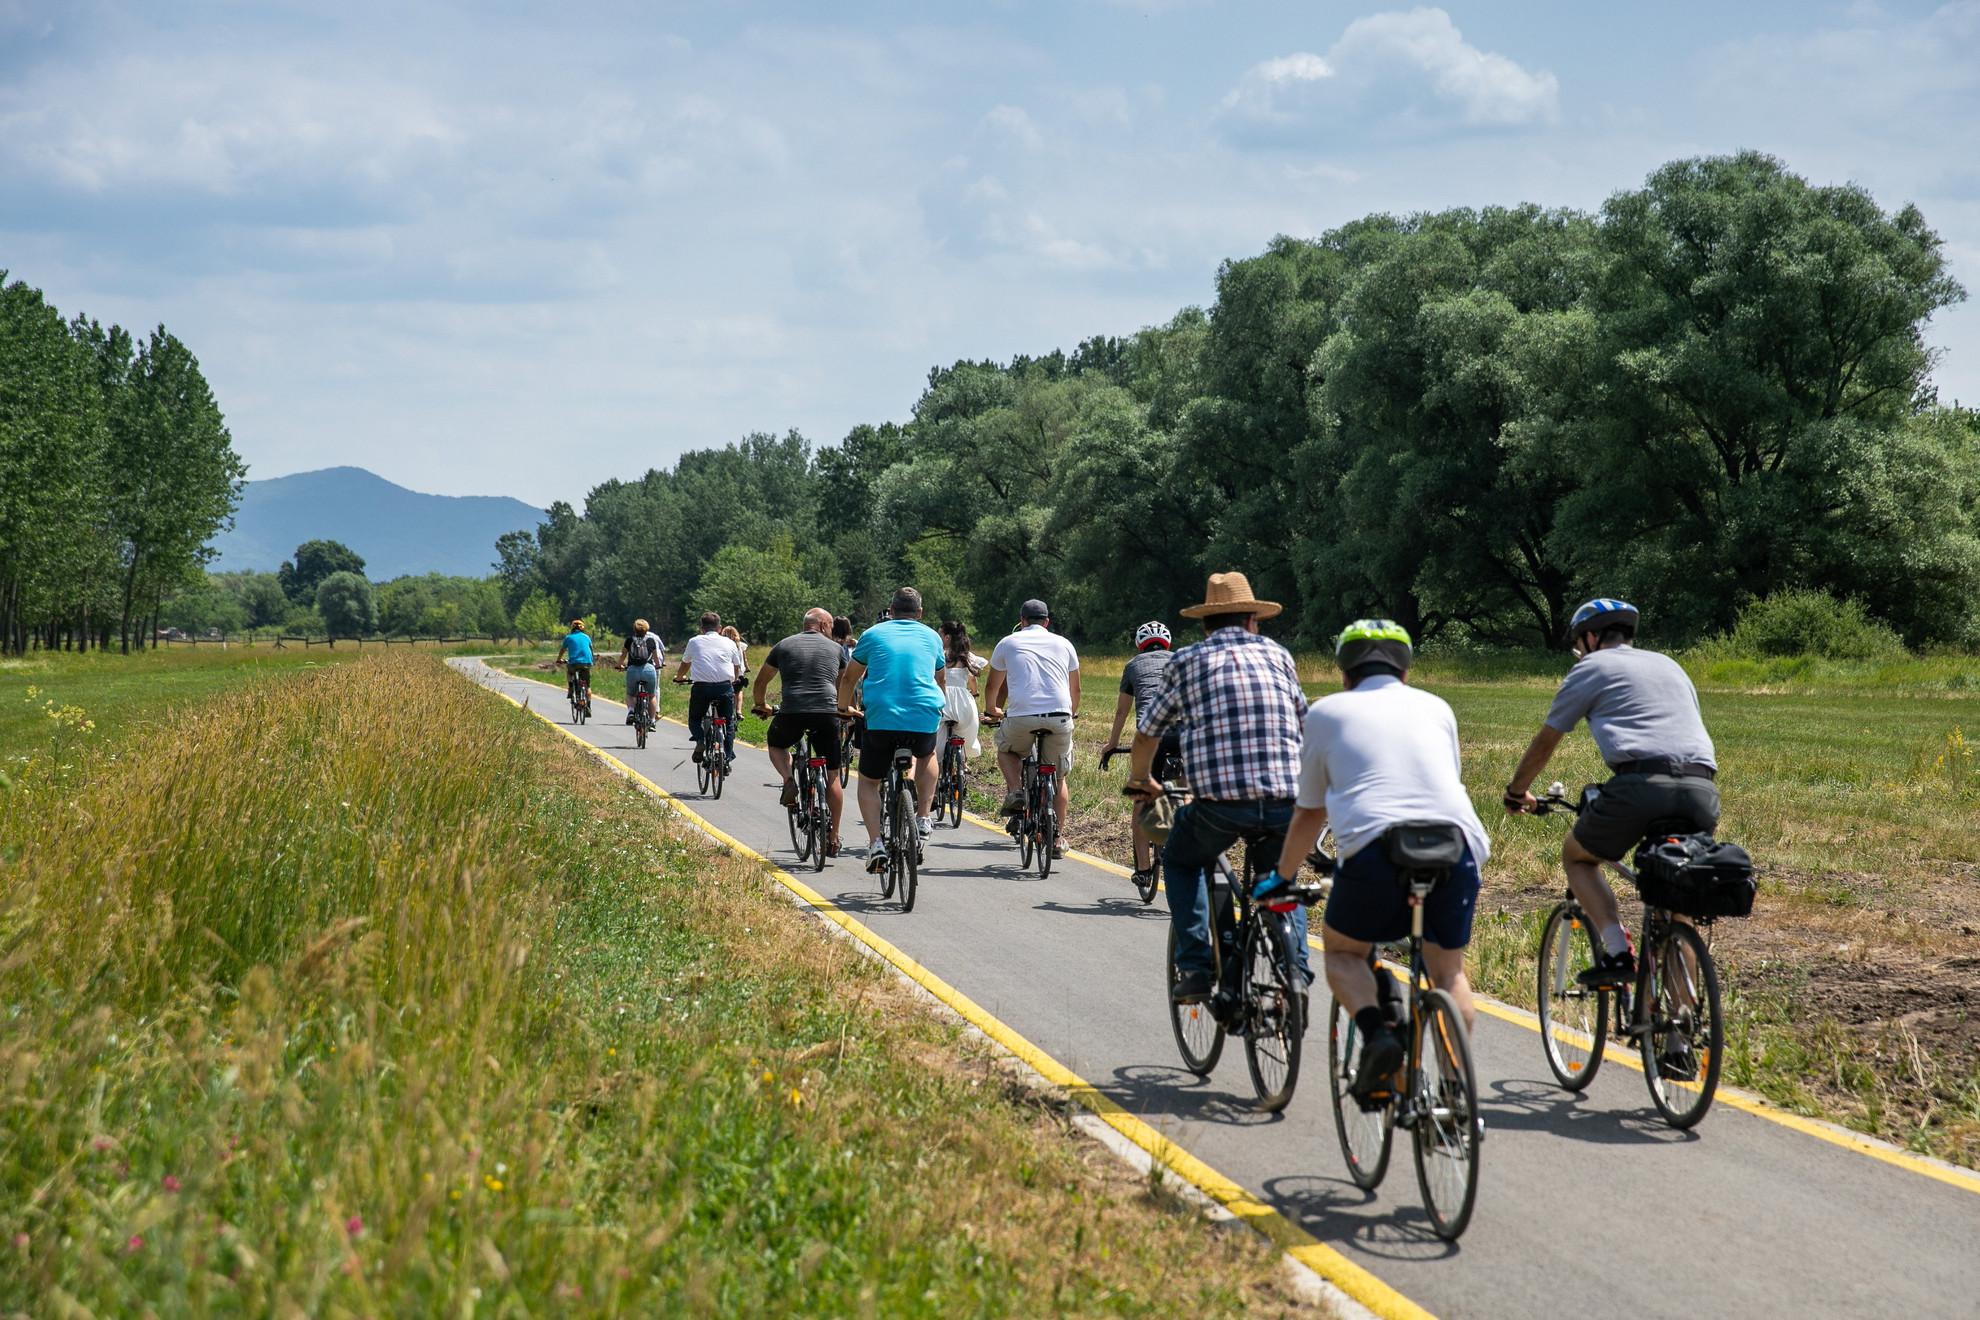 Kerékpártúra résztvevői az Eurovelo 6 kerékpárút új Szob és Ipolydamásd közötti szakaszán az átadás előtt Ipolydamásd közelében 2021. június 21-én